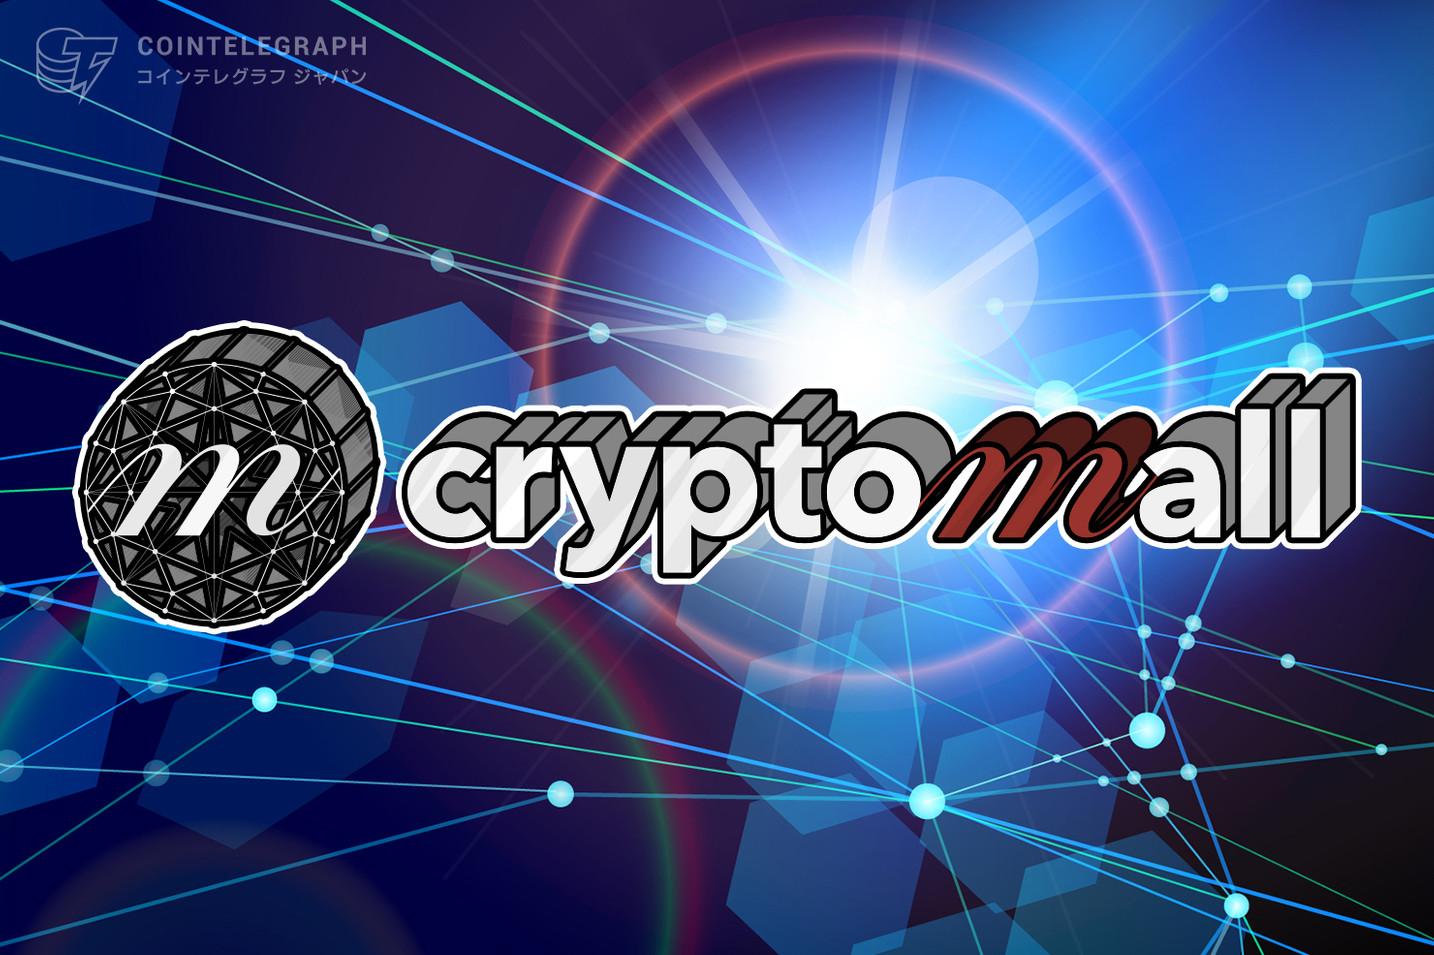 【cryptomall(クリプトモール)】一般社団法人 日本エストニア商工協会(jecc)の筆頭協賛企業に就任!